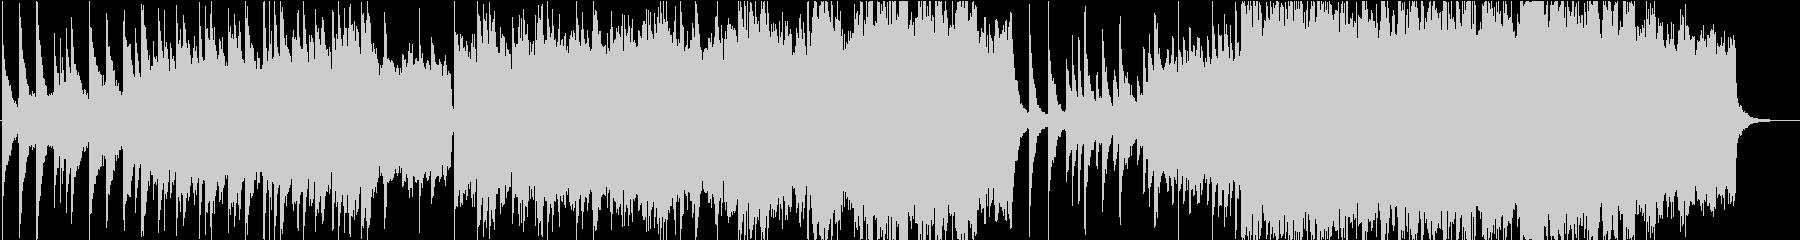 ピアノ主旋律のレクイエムの未再生の波形